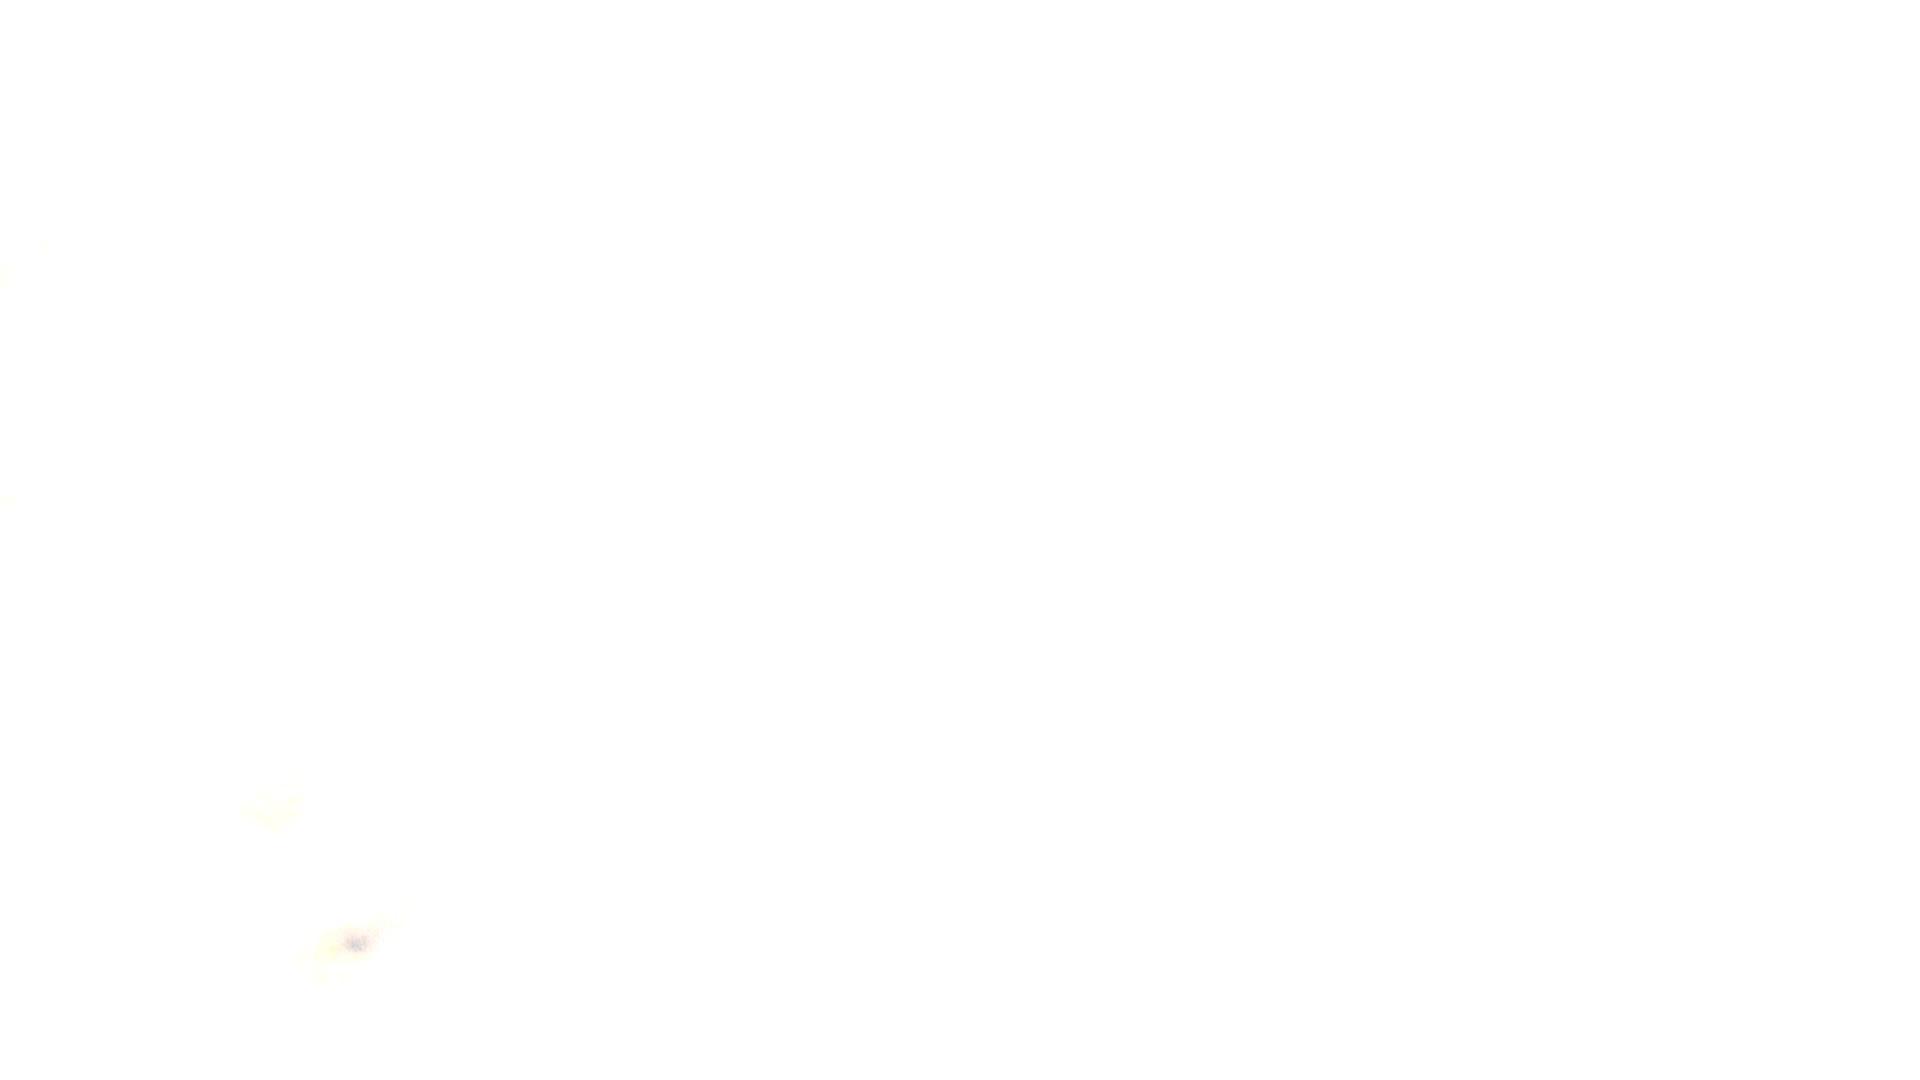 ※100個限定販売 至高下半身盗撮 プレミアム Vol.27 ハイビジョン 盗撮で悶絶 SEX無修正画像 103画像 89